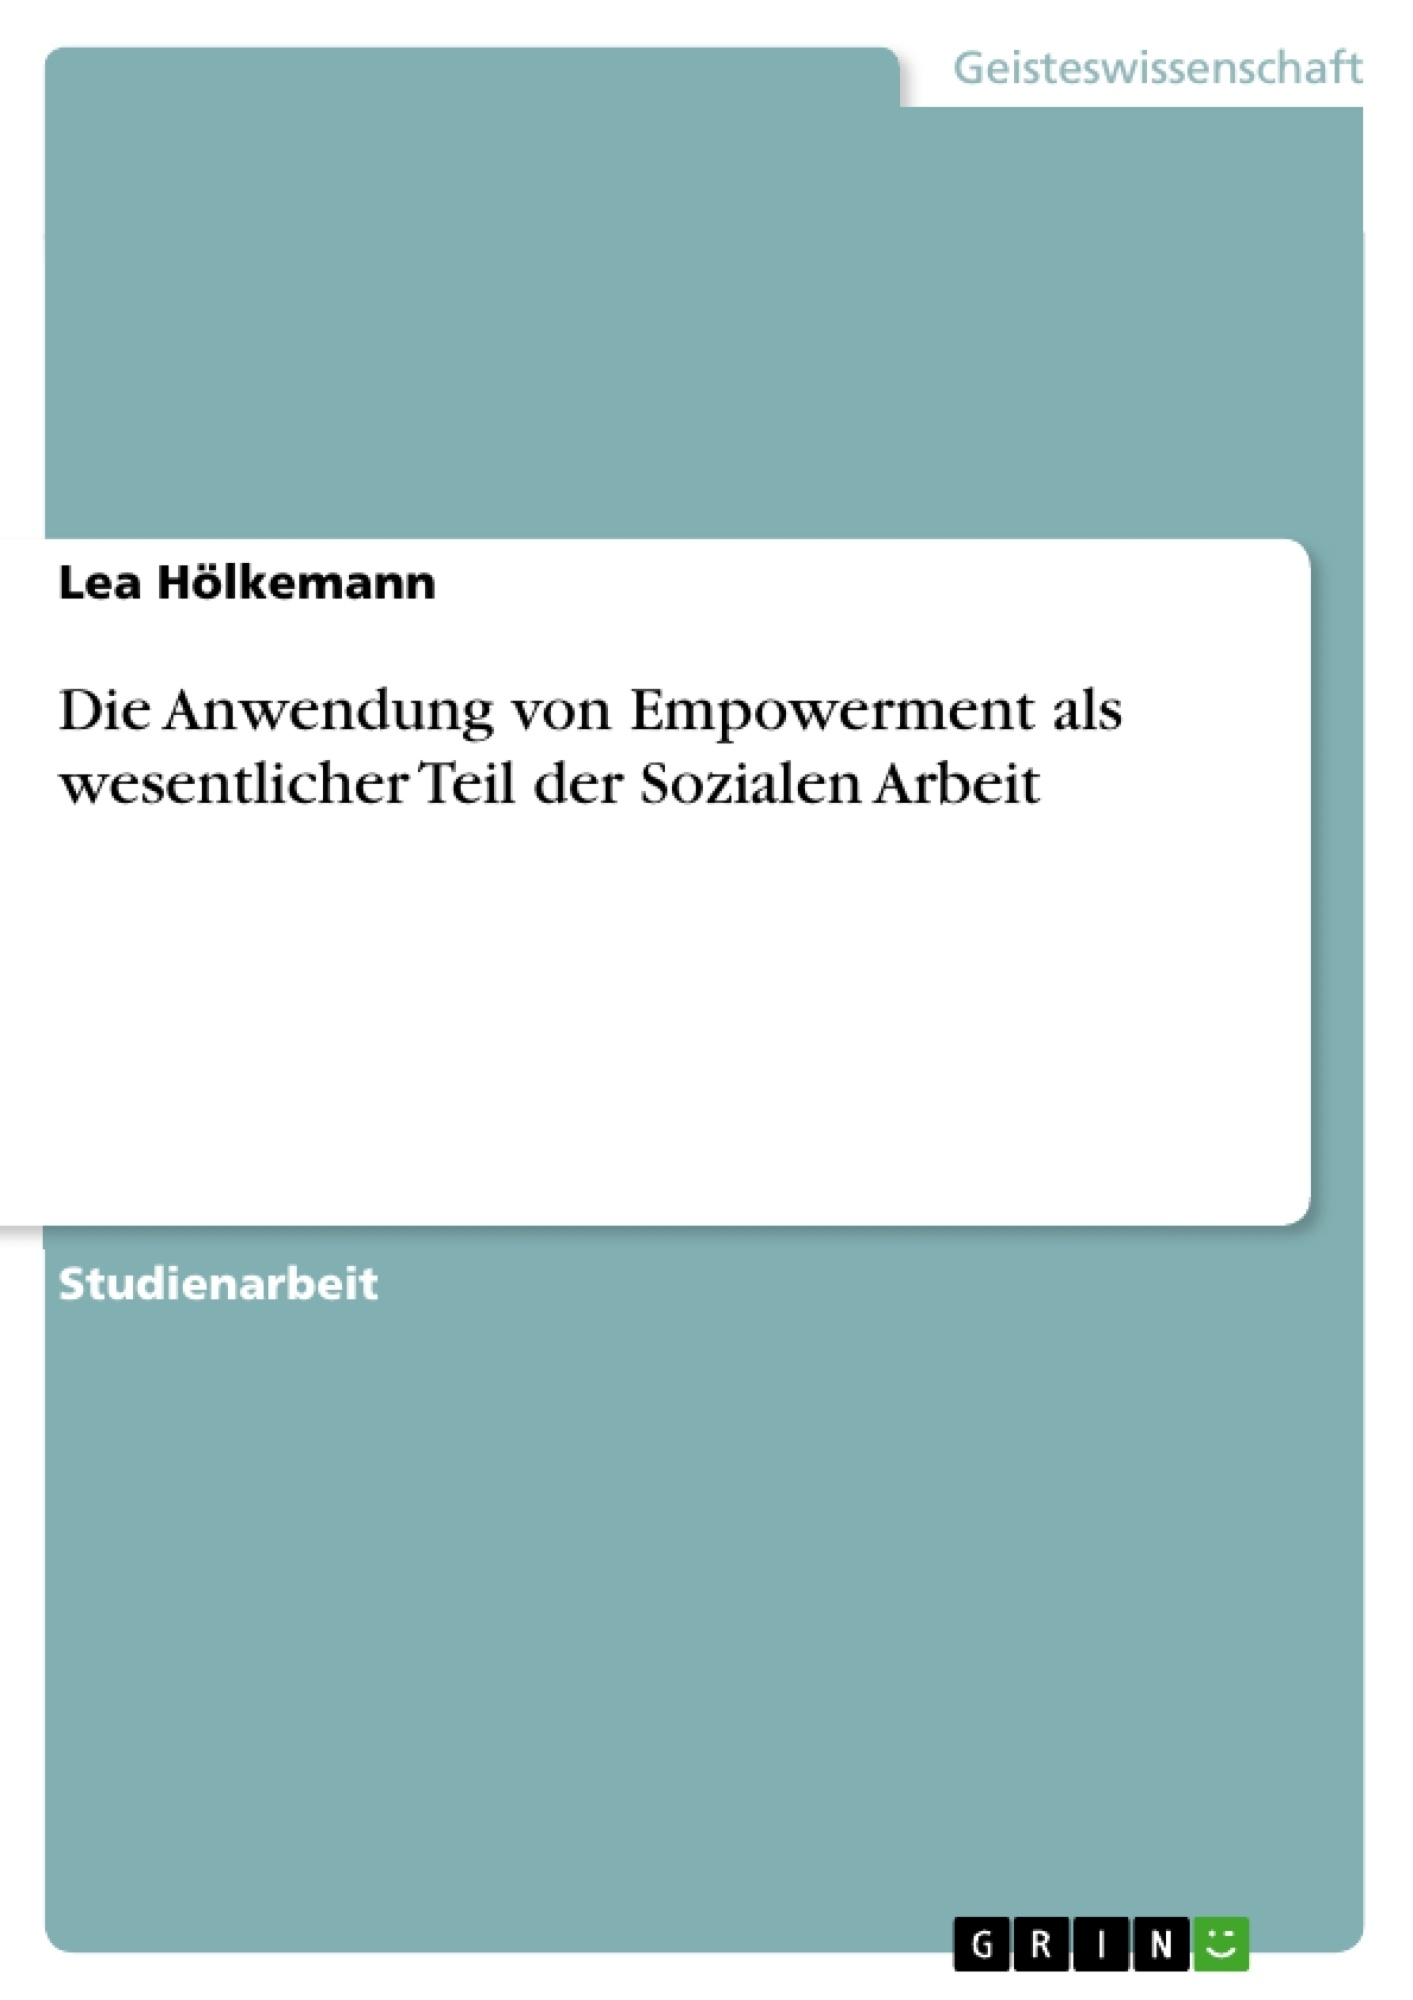 Titel: Die Anwendung von Empowerment als wesentlicher Teil der Sozialen Arbeit